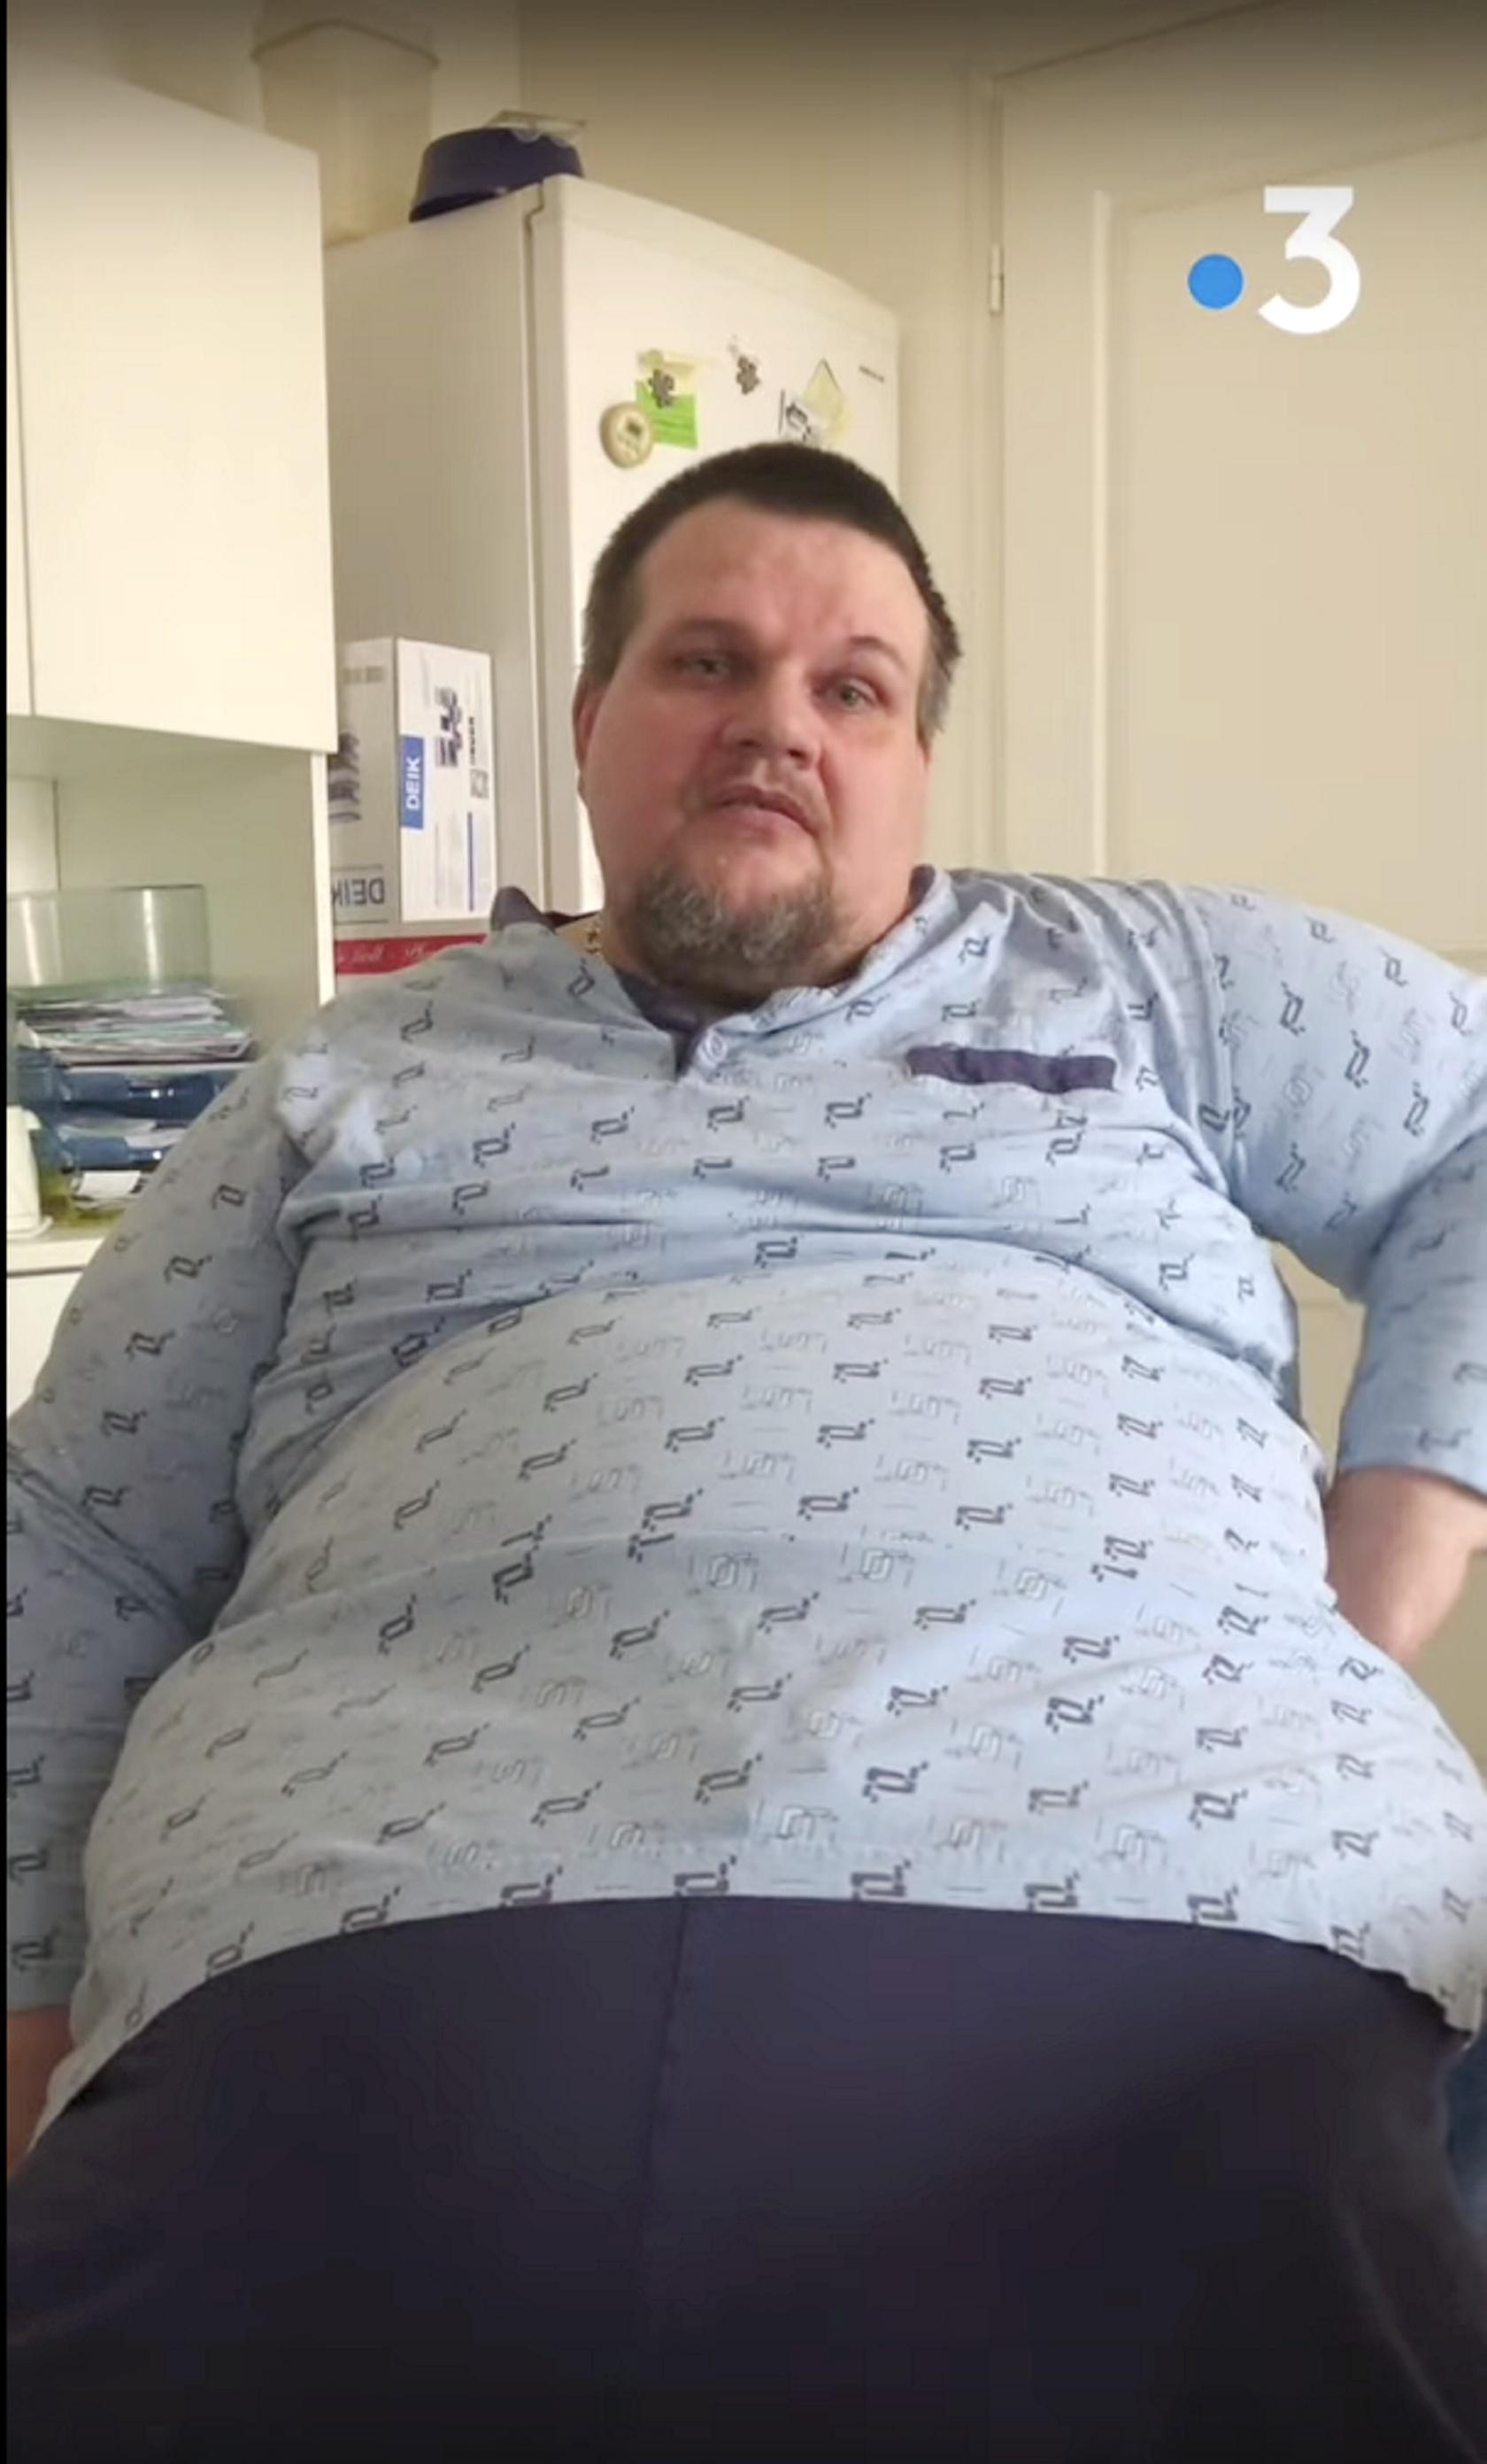 Joël Demolin atteint d'« obésité morbide sévère » souhaite avoir recours à la bariatrie mais doit d'abord se faire enlever un œdème. La sécurité sociale refuse de rembourser cette première intervention qui ouvrira la voie à l'opération de chirurgie bariatrique.